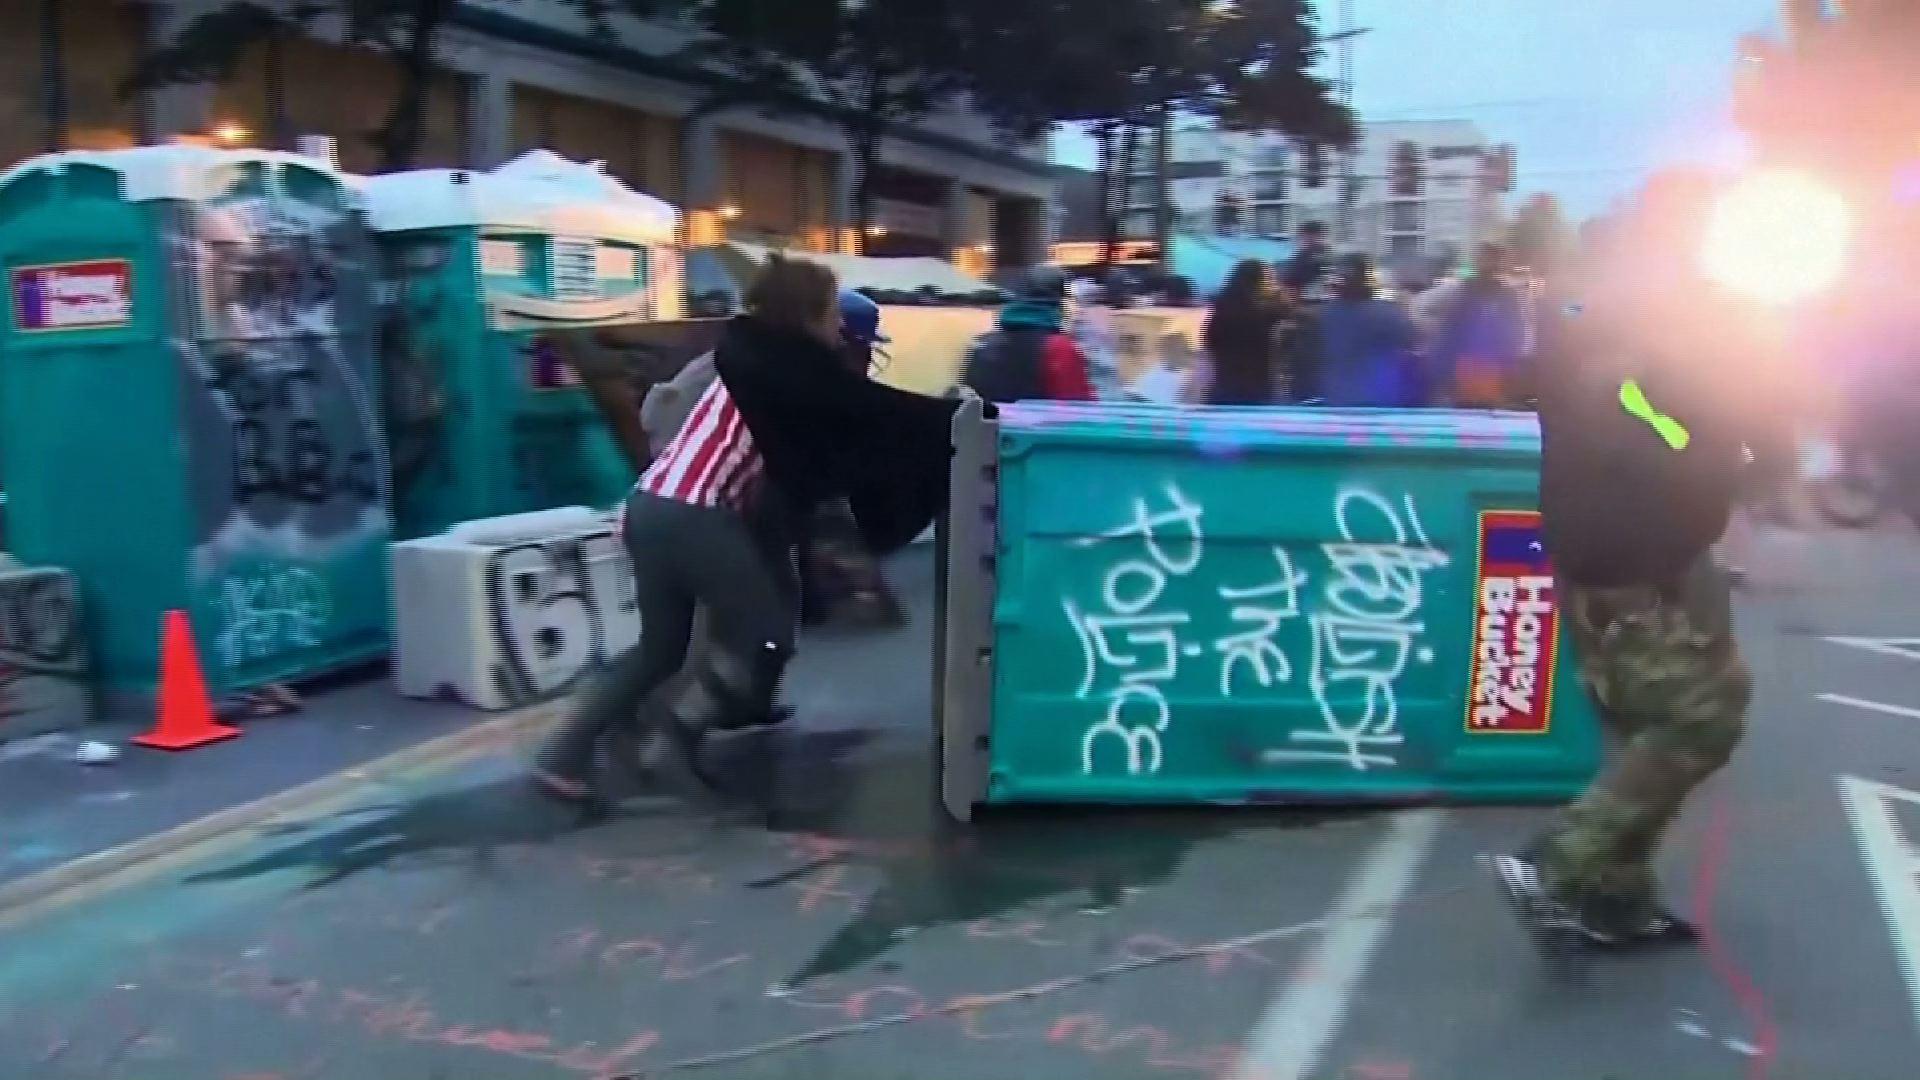 Cảnh sát Seattle giải tán khu vực biểu tình CHOP sau khi Thị Trưởng Jenny Durkan tuyên bố khu vực này là tụ tập bất hợp pháp